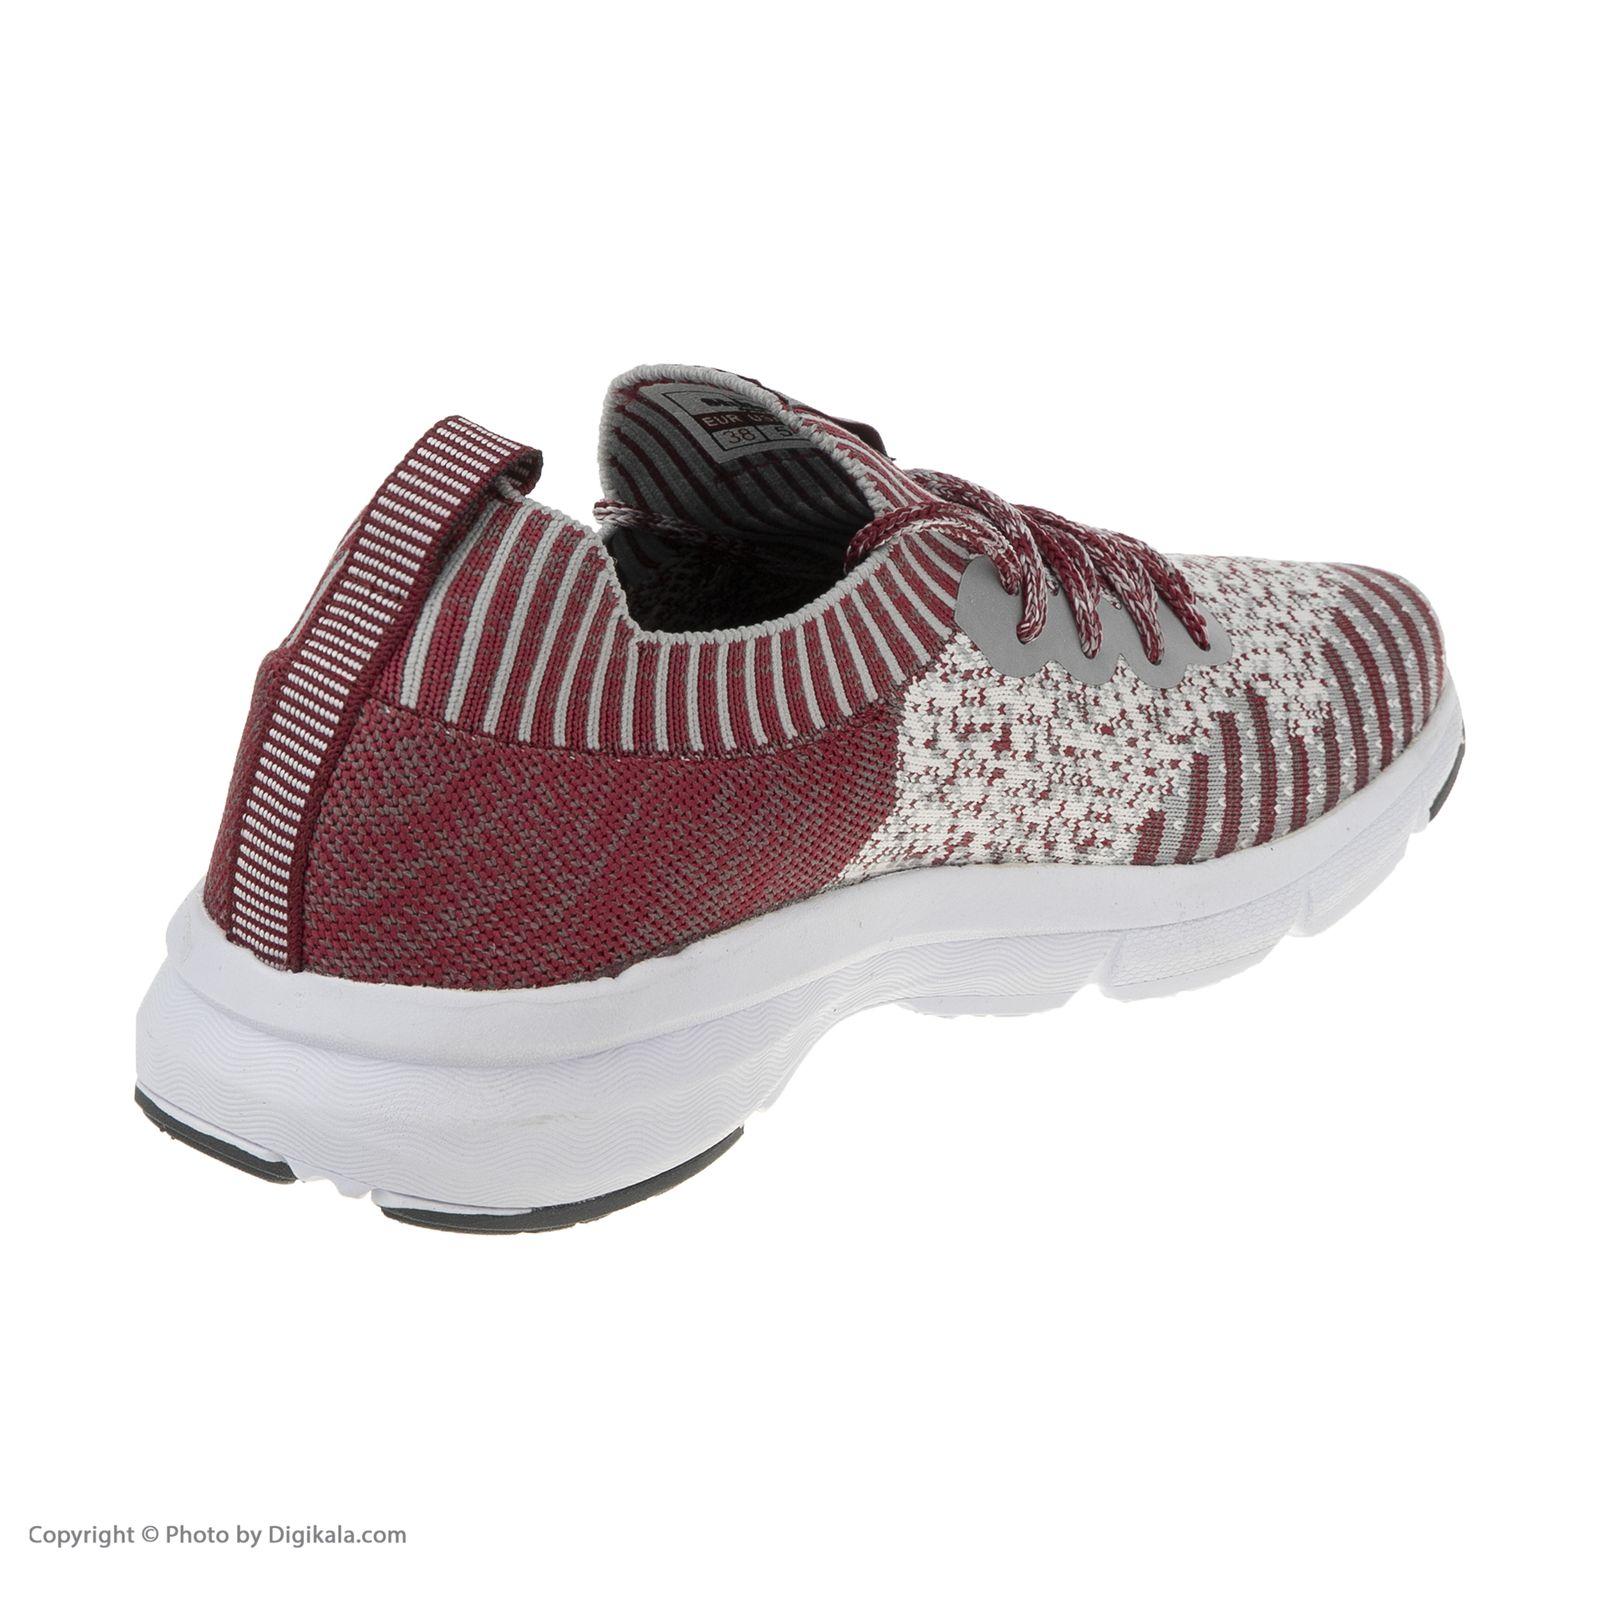 کفش پیاده روی زنانه شیفر مدل 5s03a-11 -  - 6